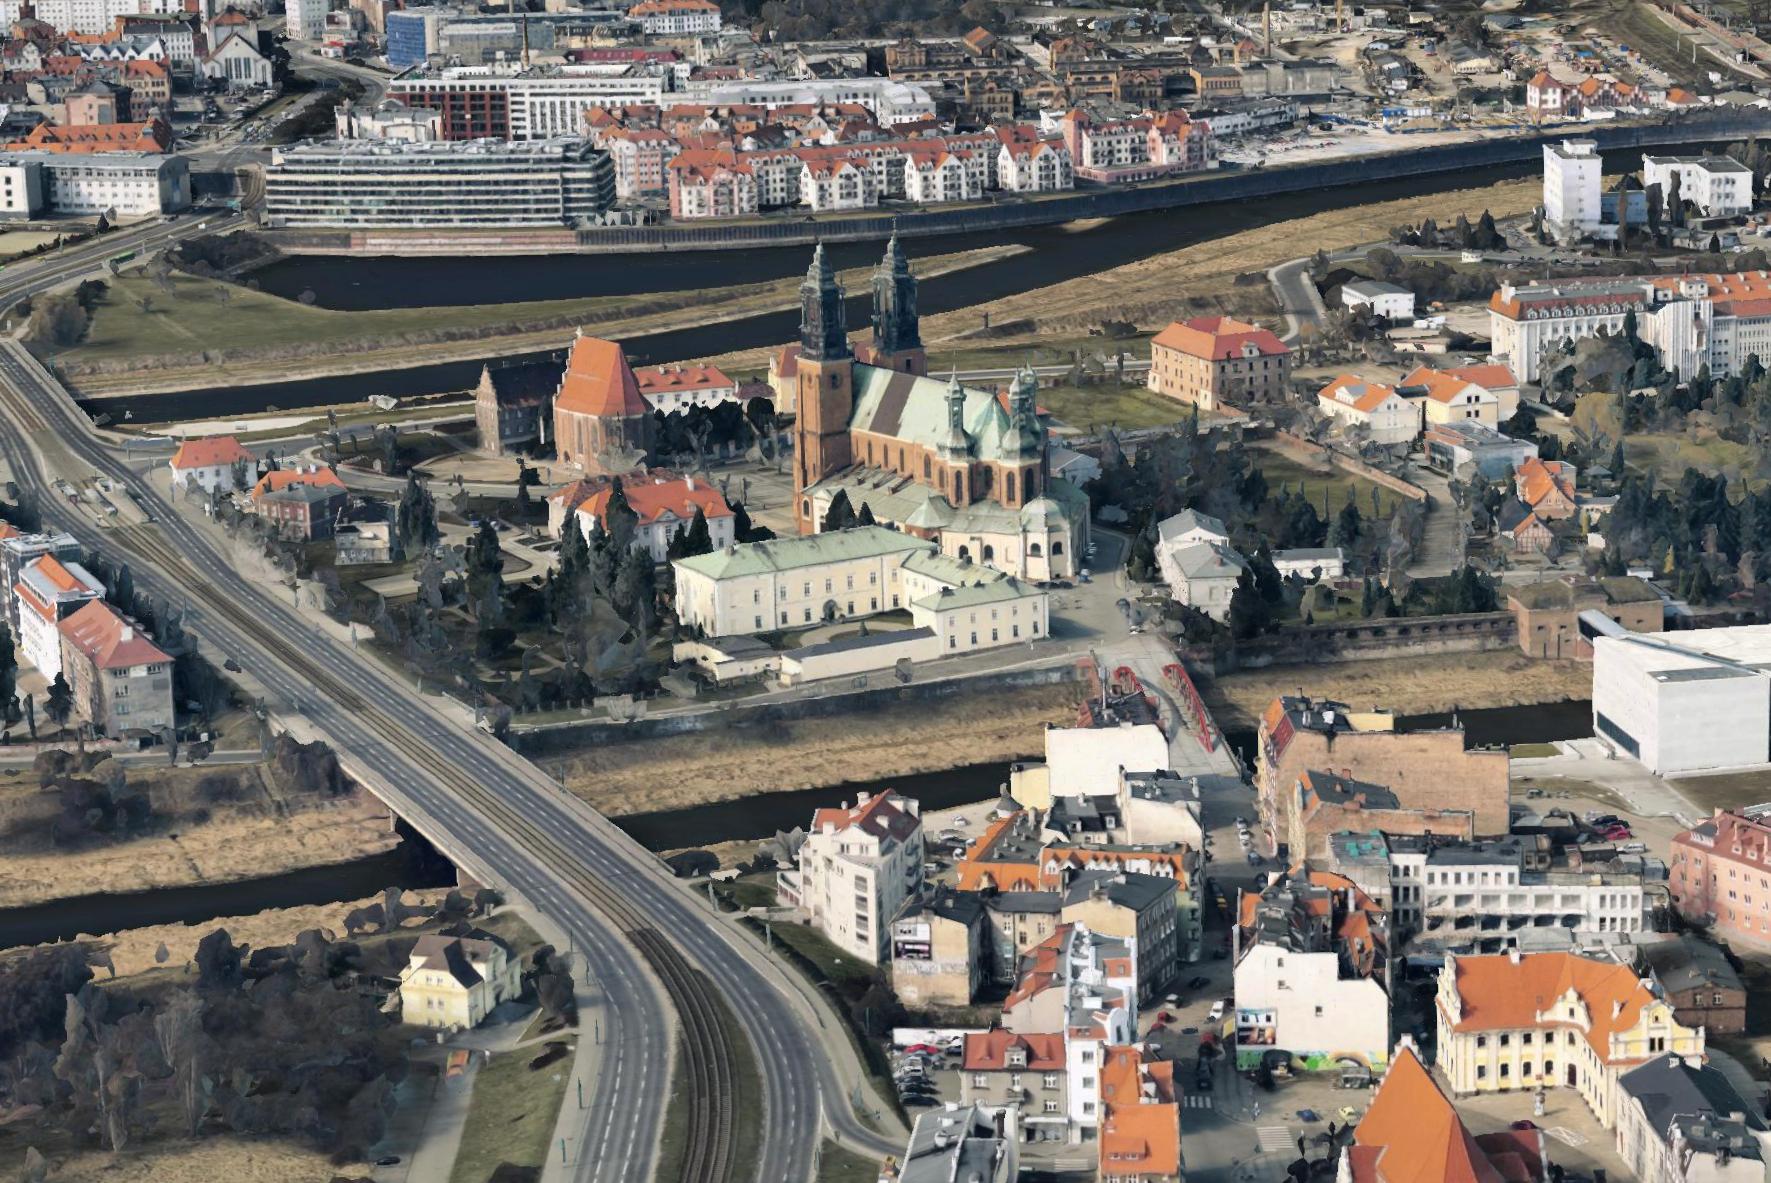 Śródka (na dole), Most Jordana, Ostrów Tumski, po lewej Trasa Solna. W tle Warta. Trójwymiarowy model Poznania, 2015. Źródło: Google Earth